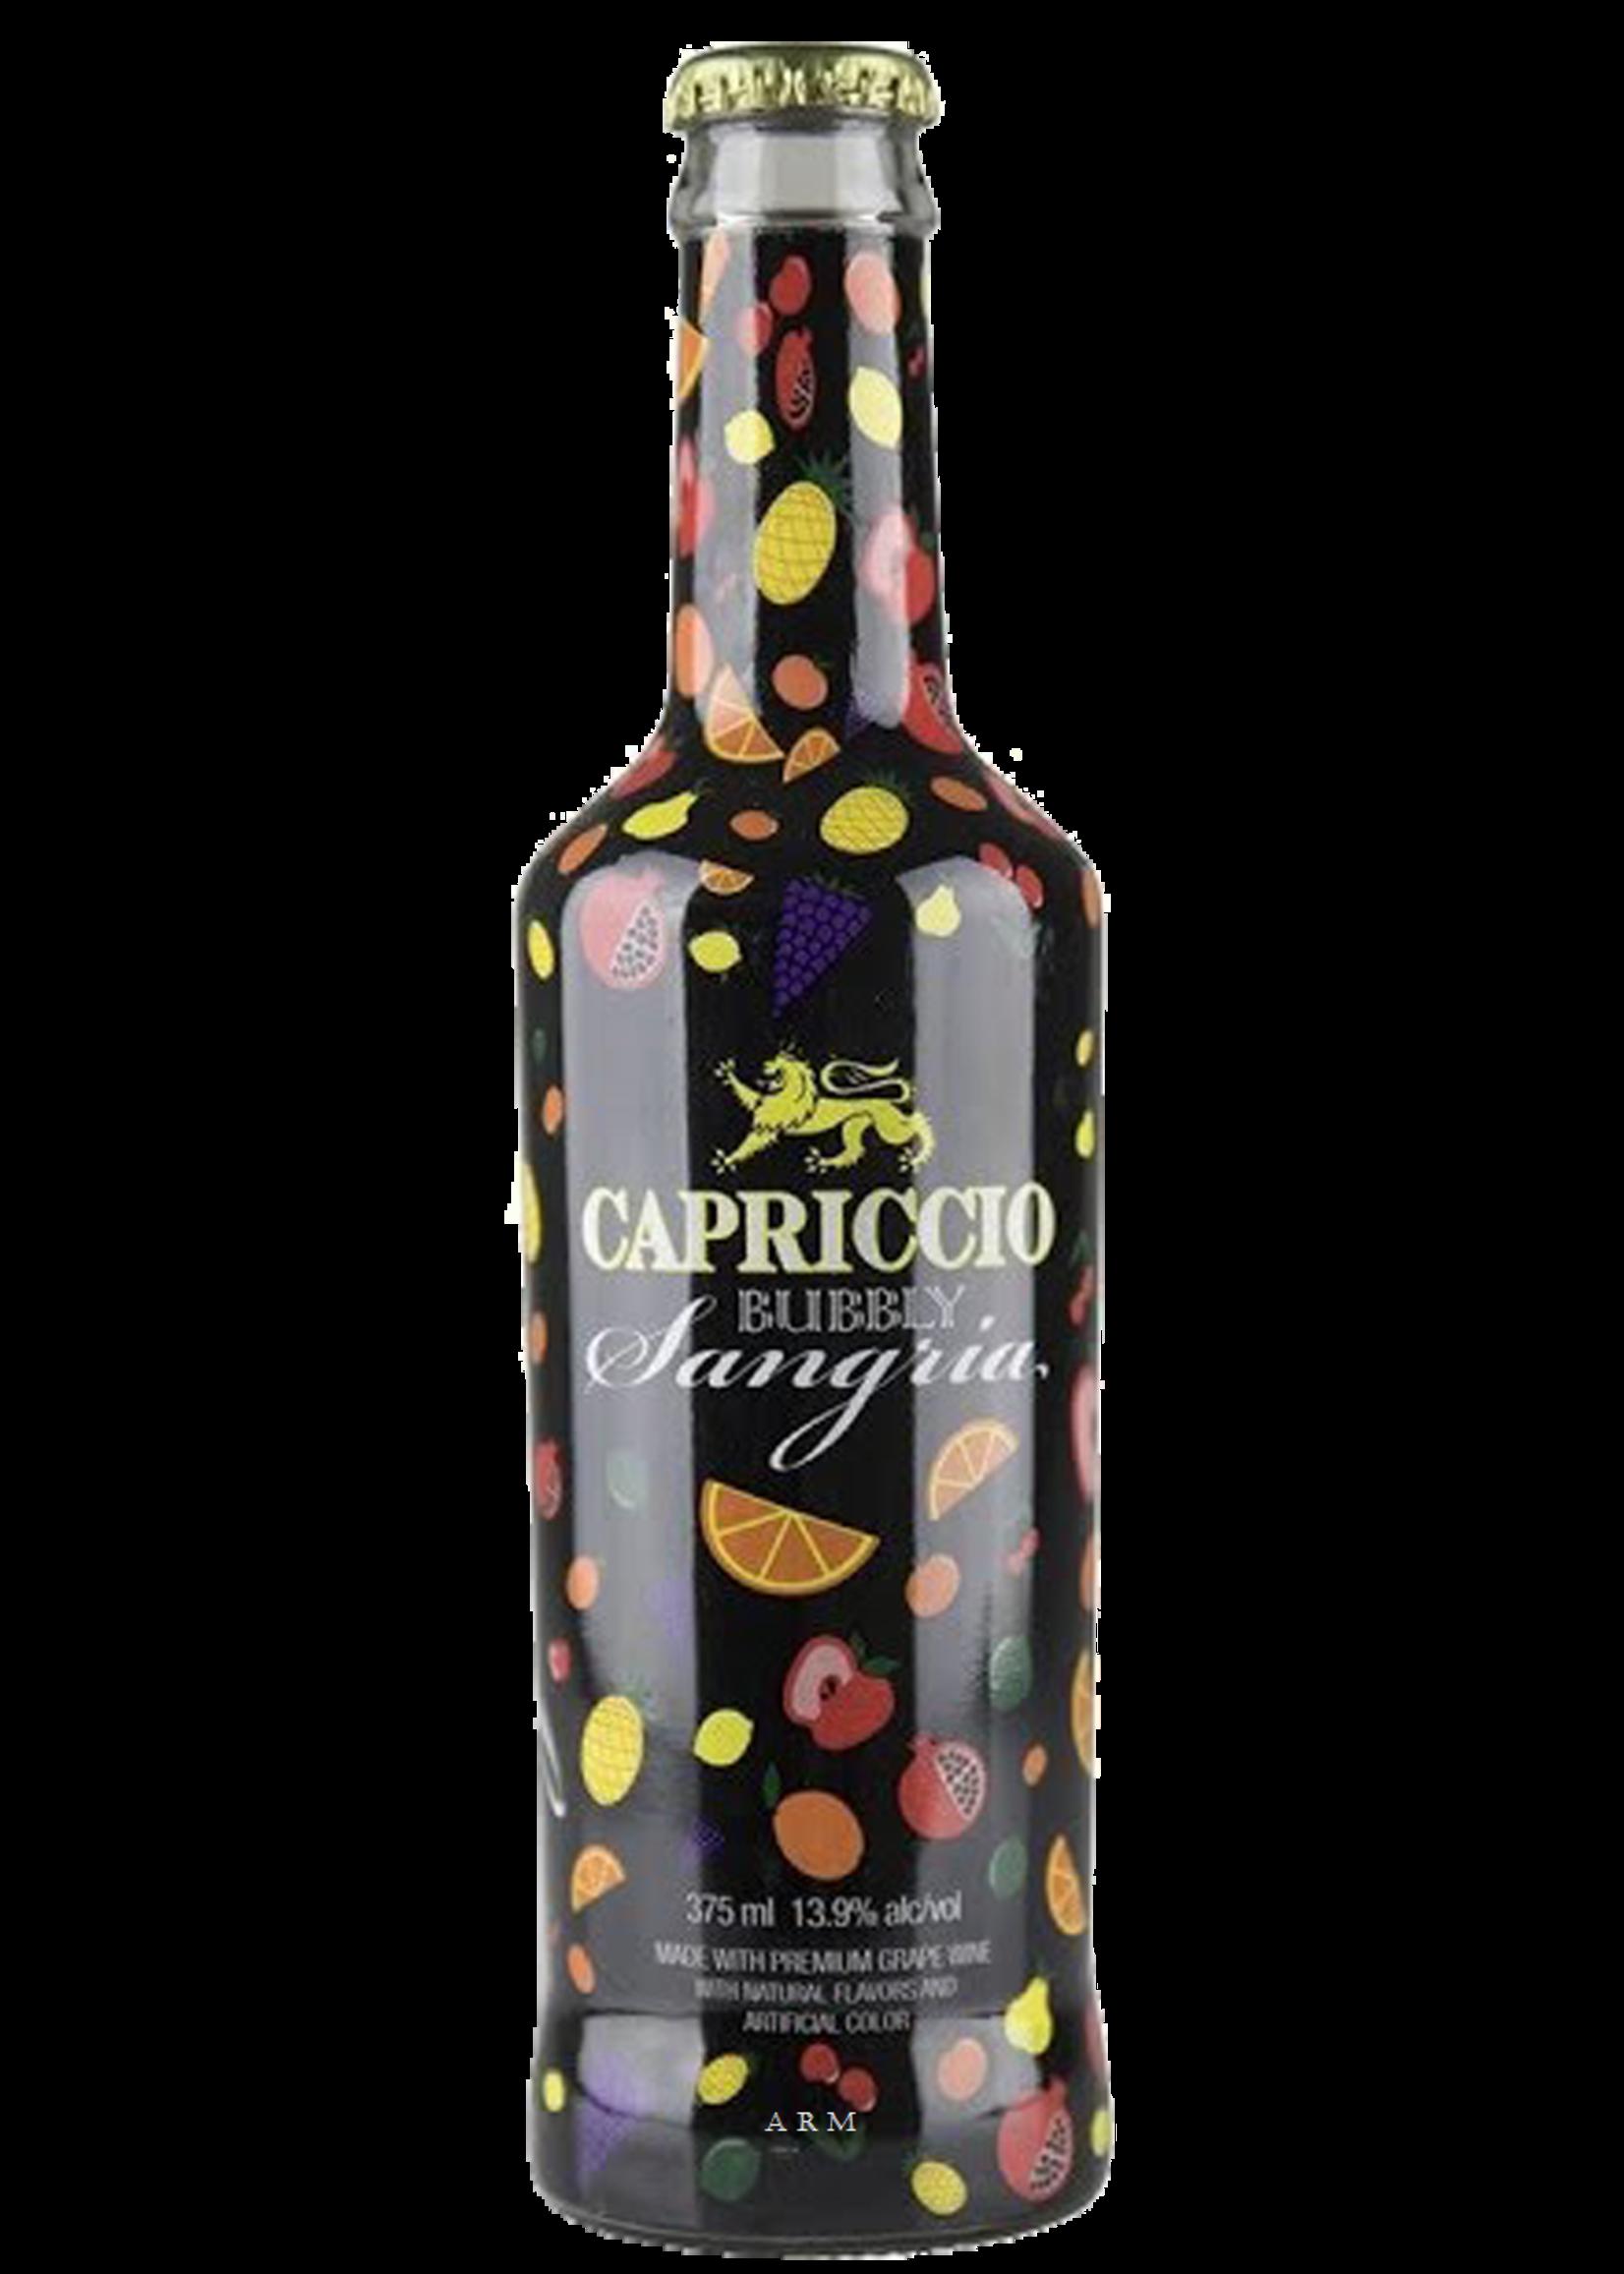 Capriccio Sangria Capriccio / Bubbly Sangria 375mL / 4 Pack